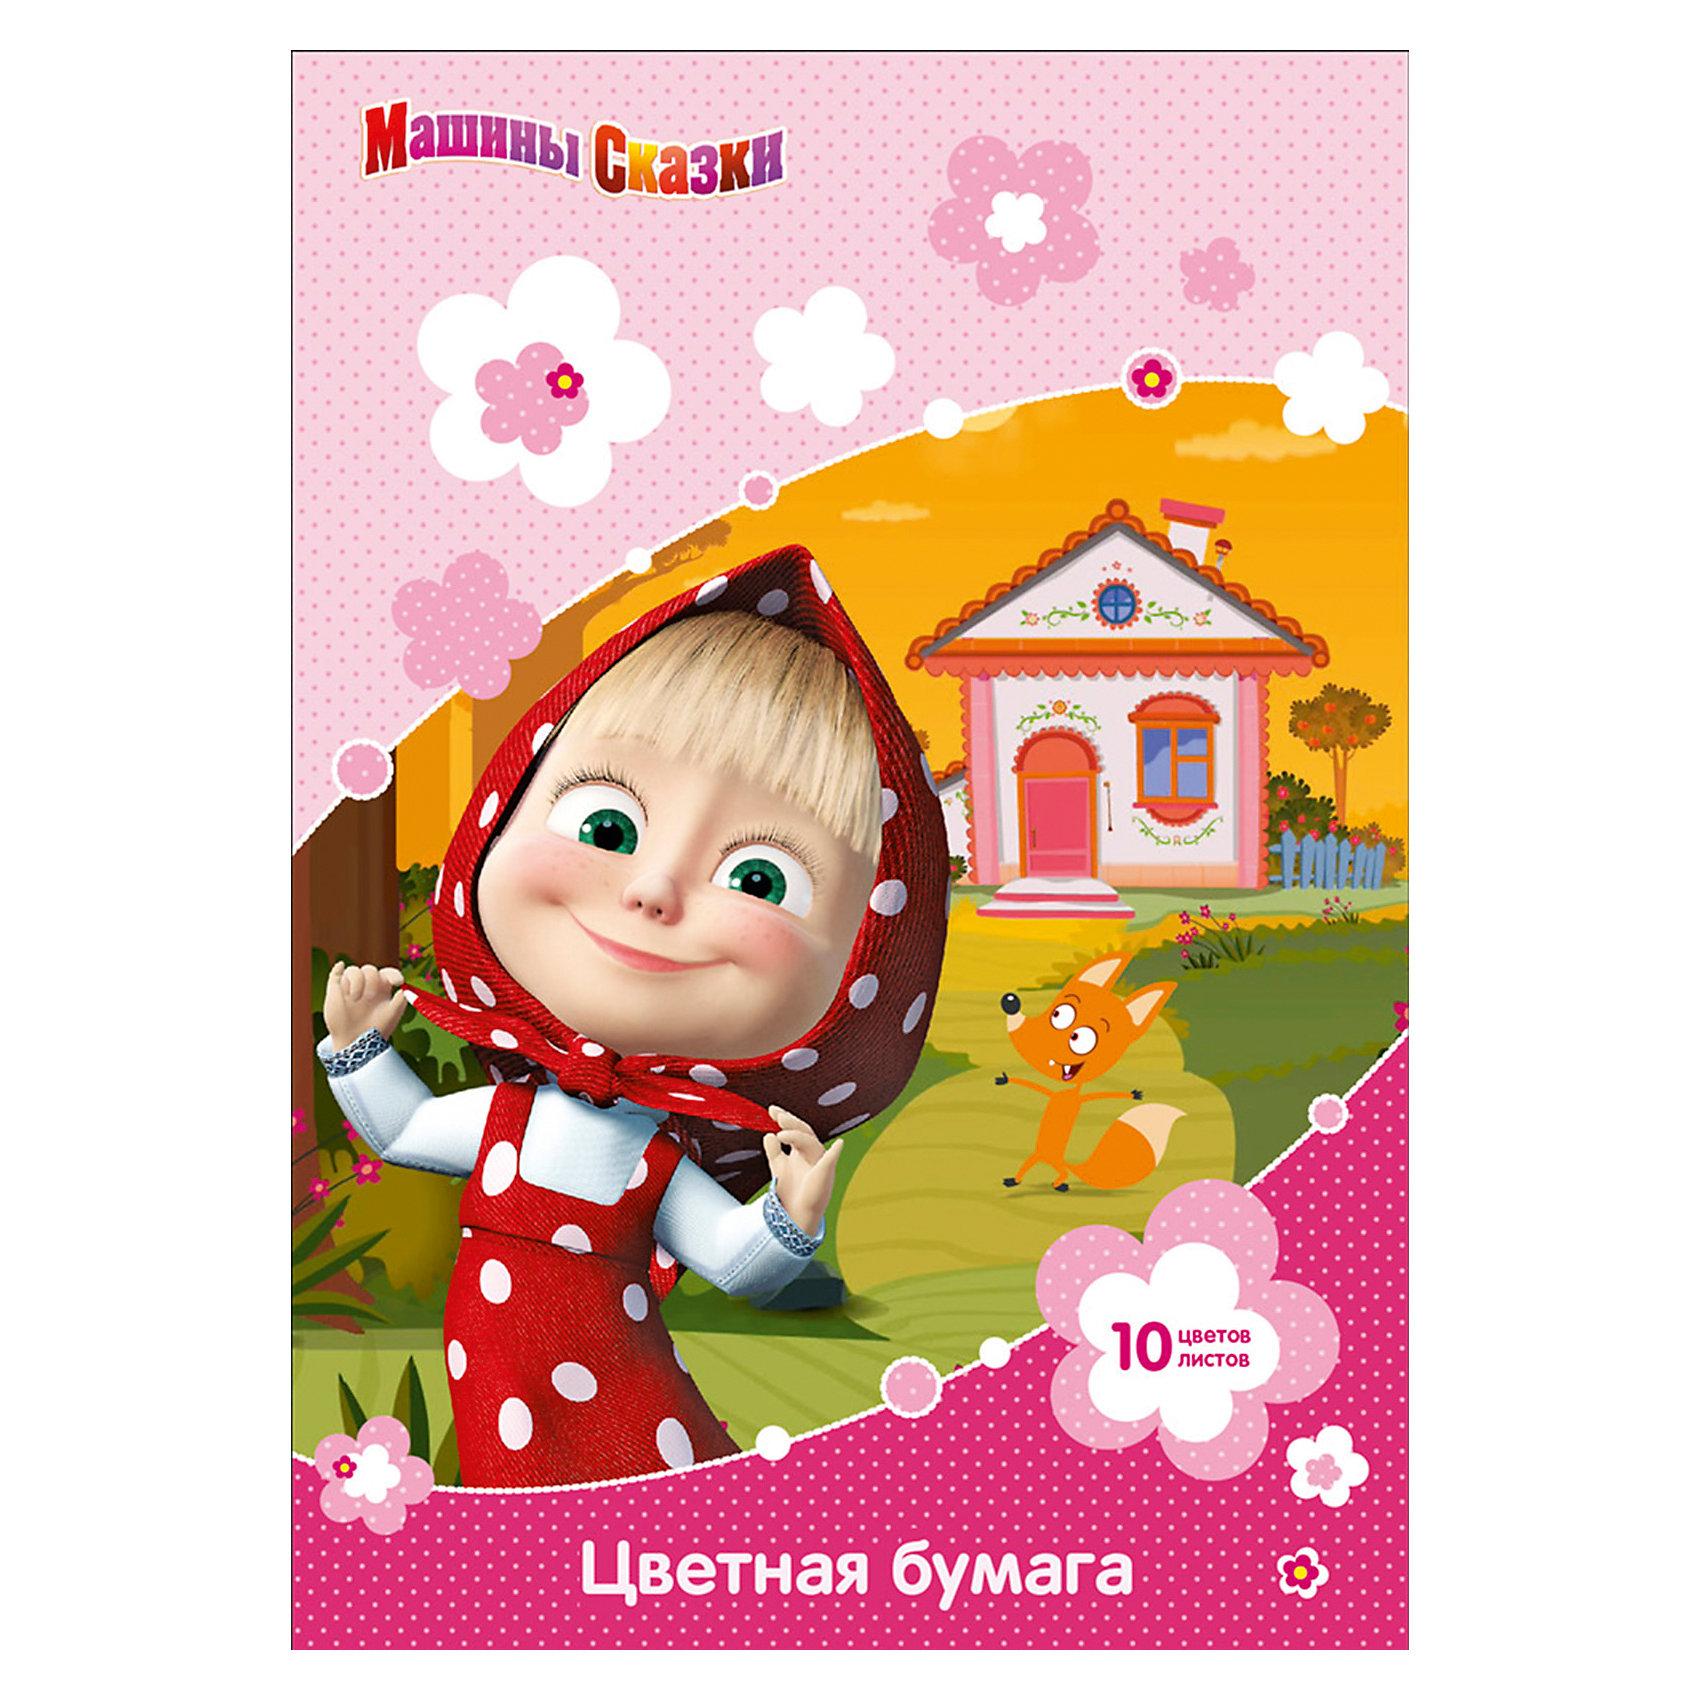 Цветная двусторонняя бумага, 10 листов, 10 цветов, Маша и Медведь